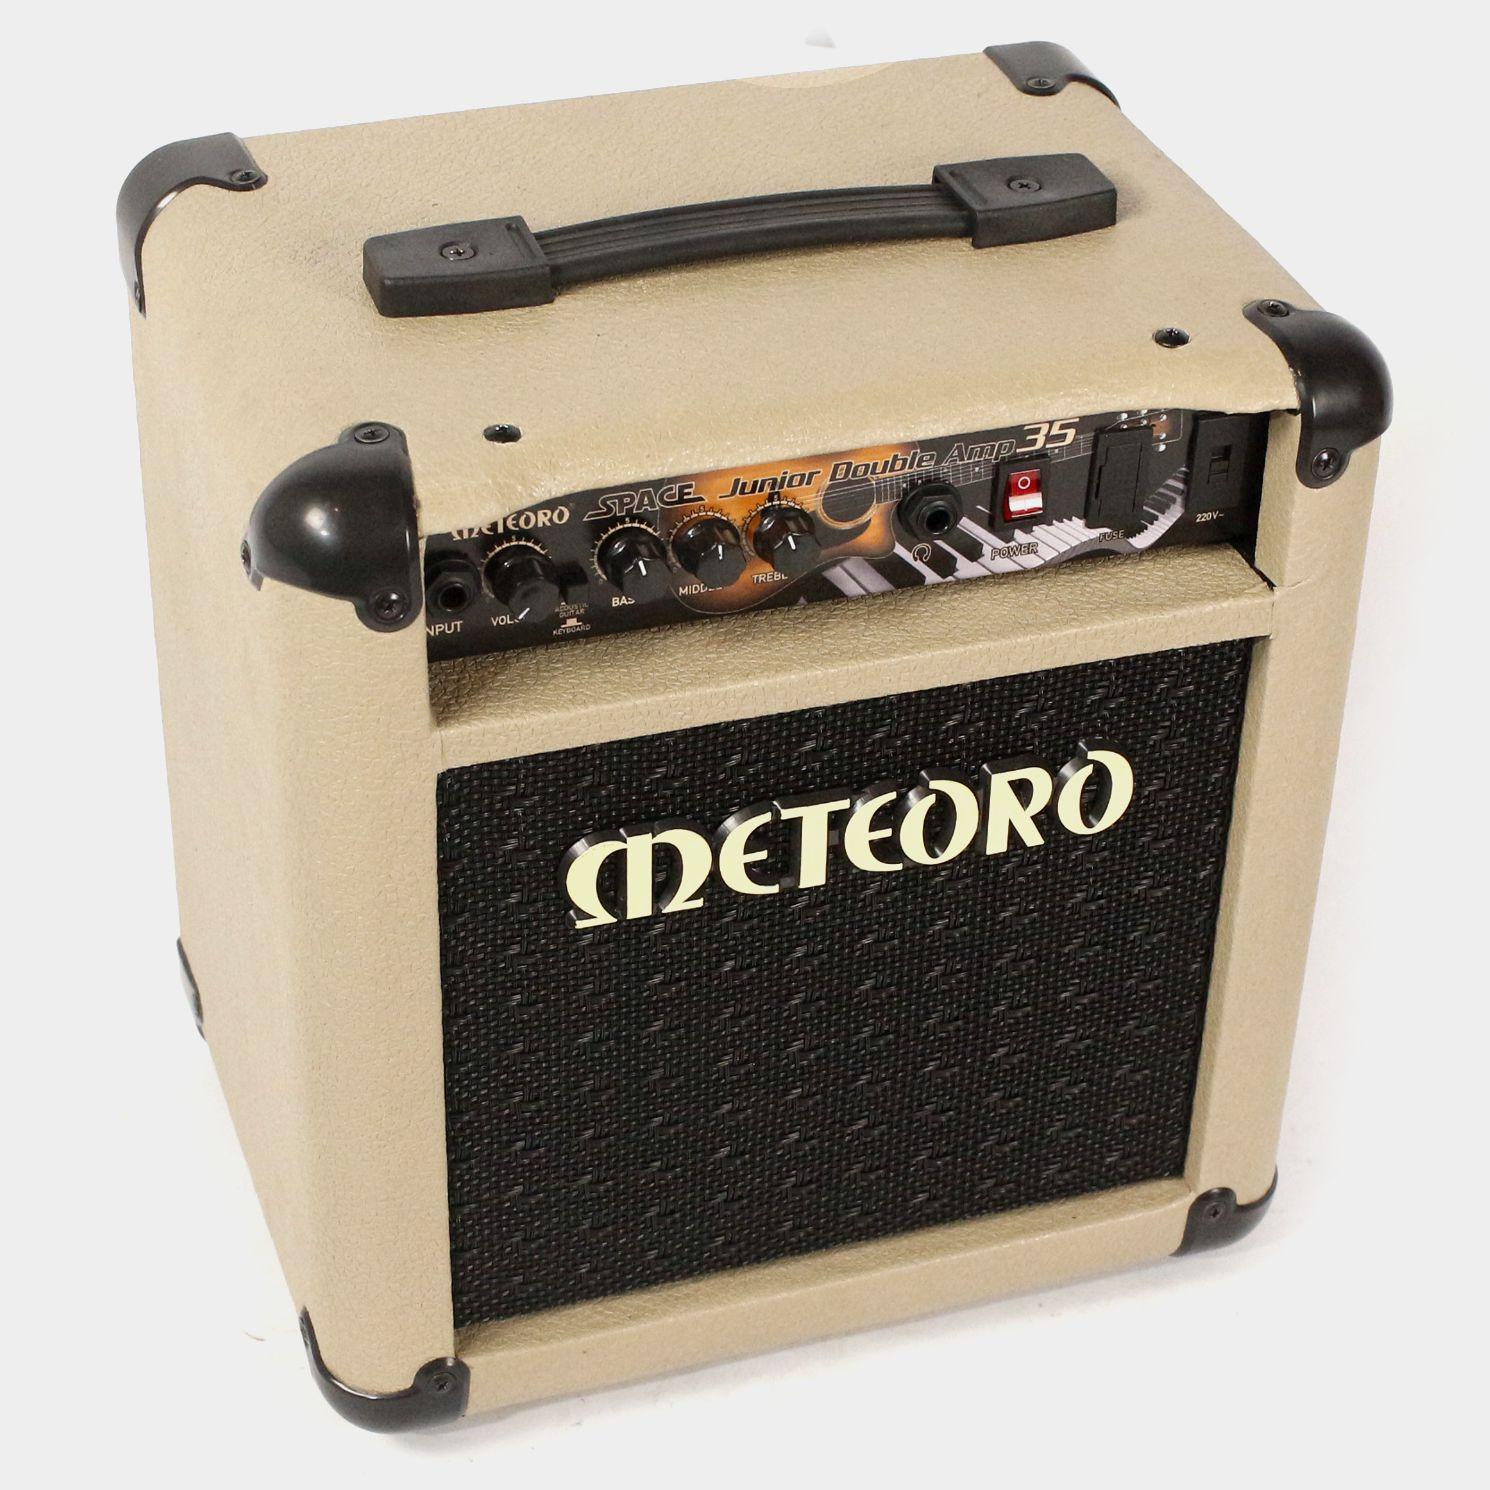 Cubo Amplificador Meteoro Double AMP 35 Space JR